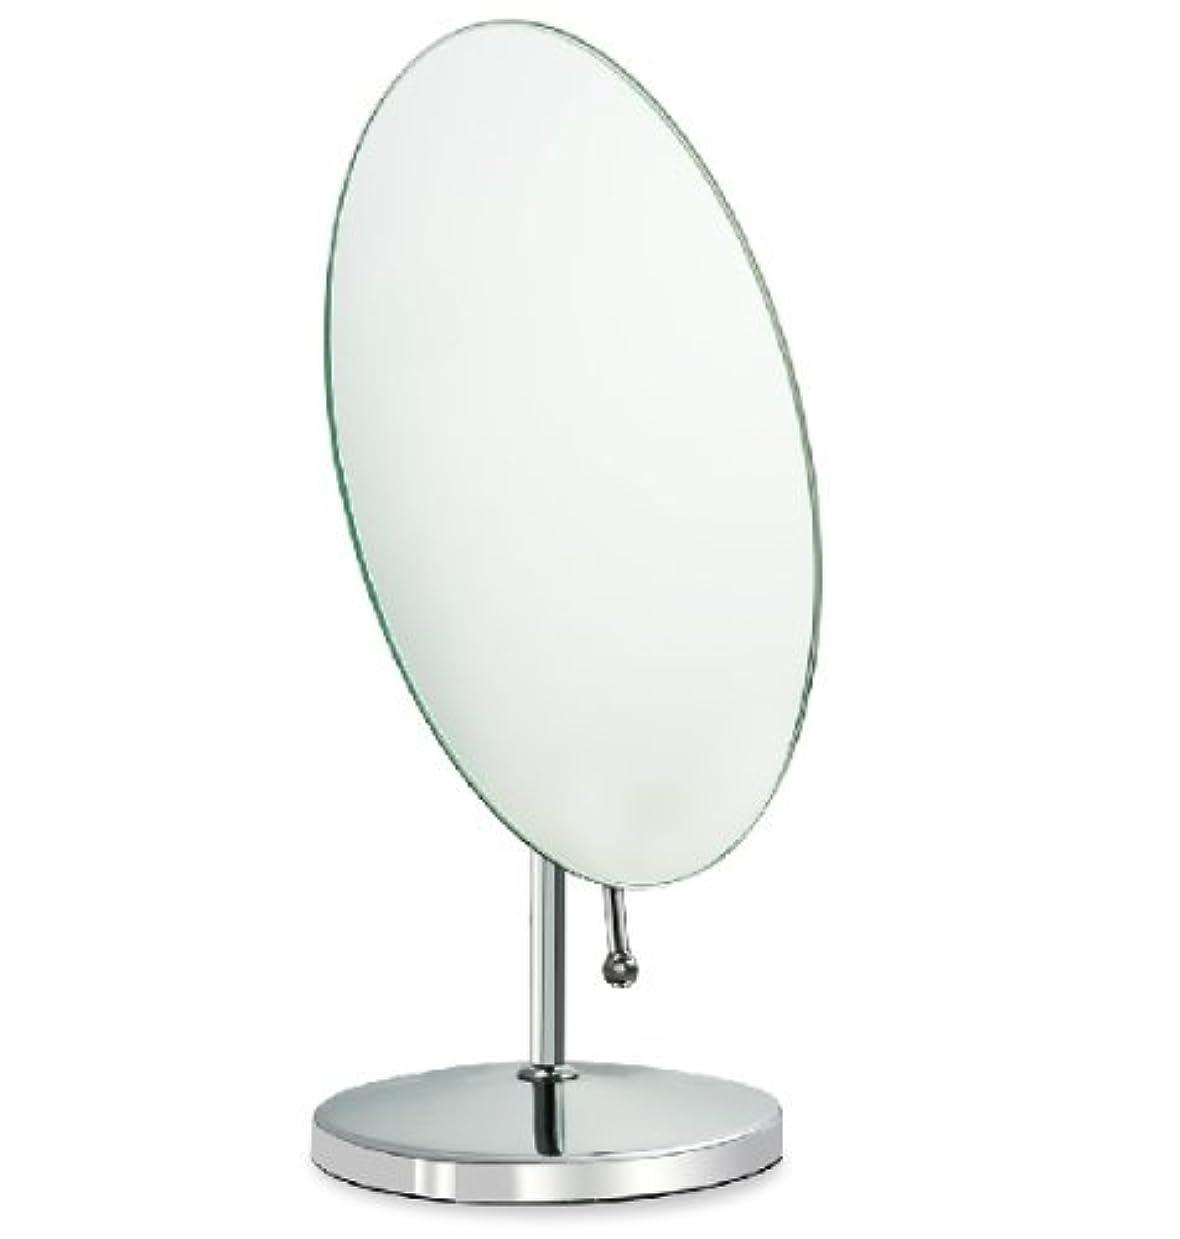 変換する憤る有効化鏡 卓上鏡 化粧鏡 スタンドミラー 全方向可動式 取っ手付き鏡 大きめな楕円形